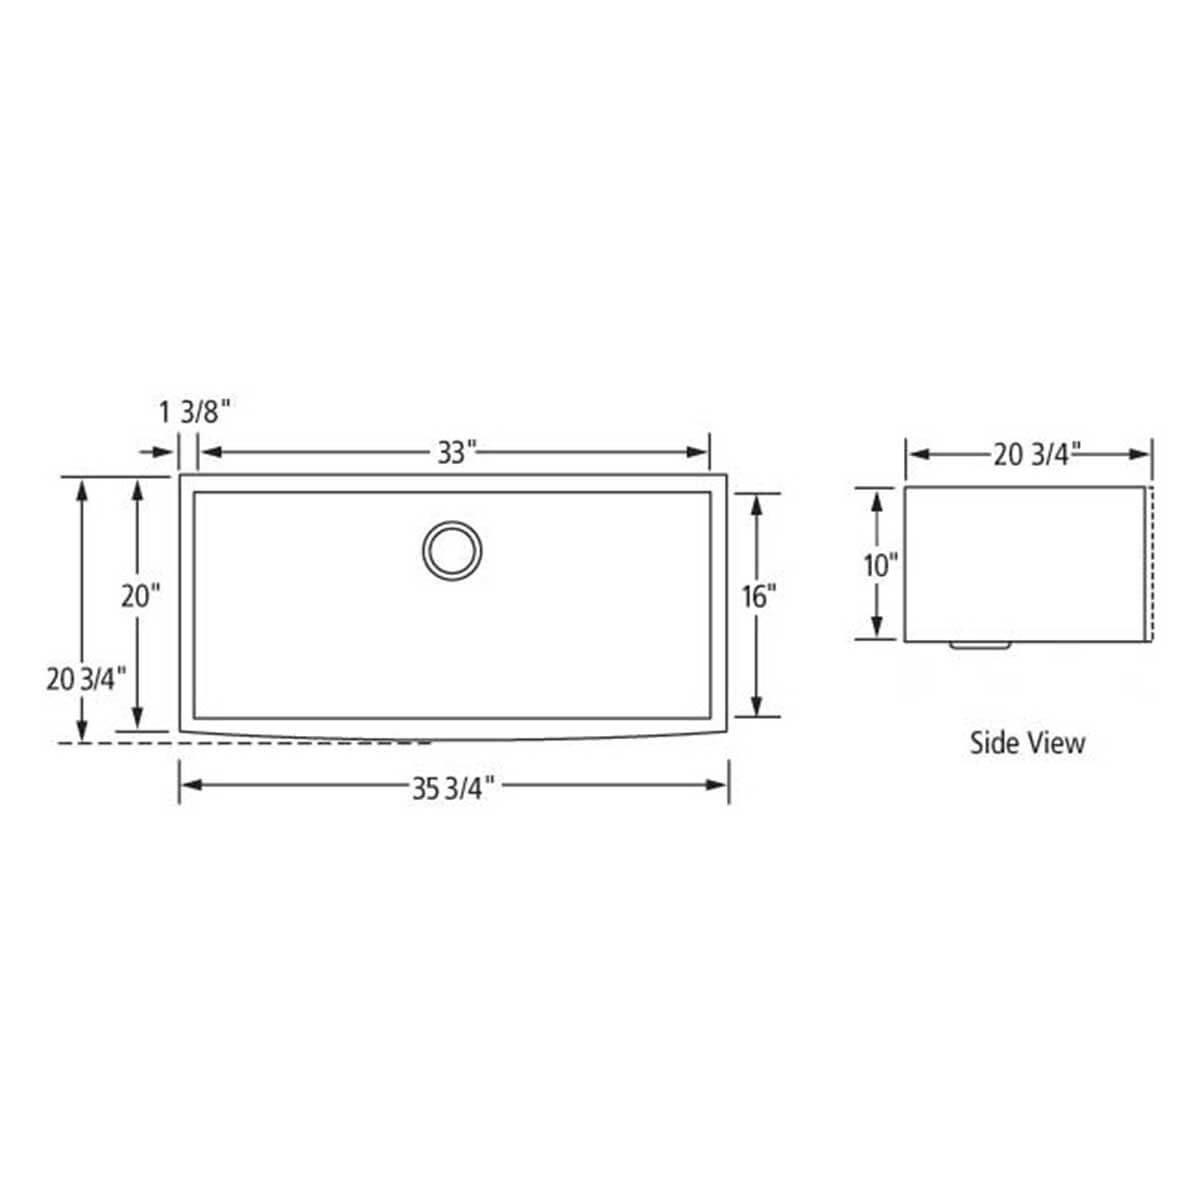 Artisan CPAZ3621-D10 Sink draw